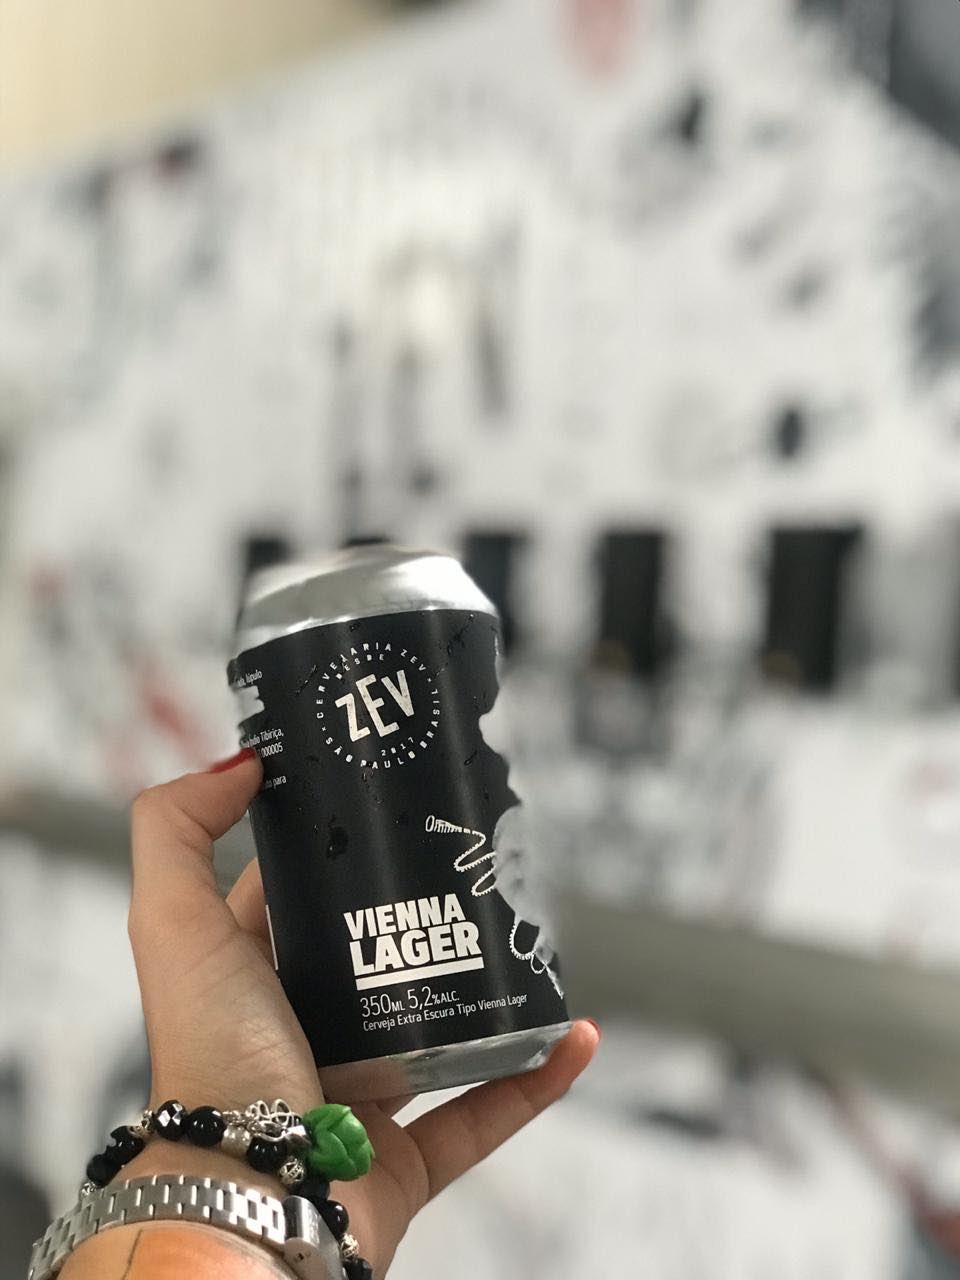 cervejaria zev vienna lager